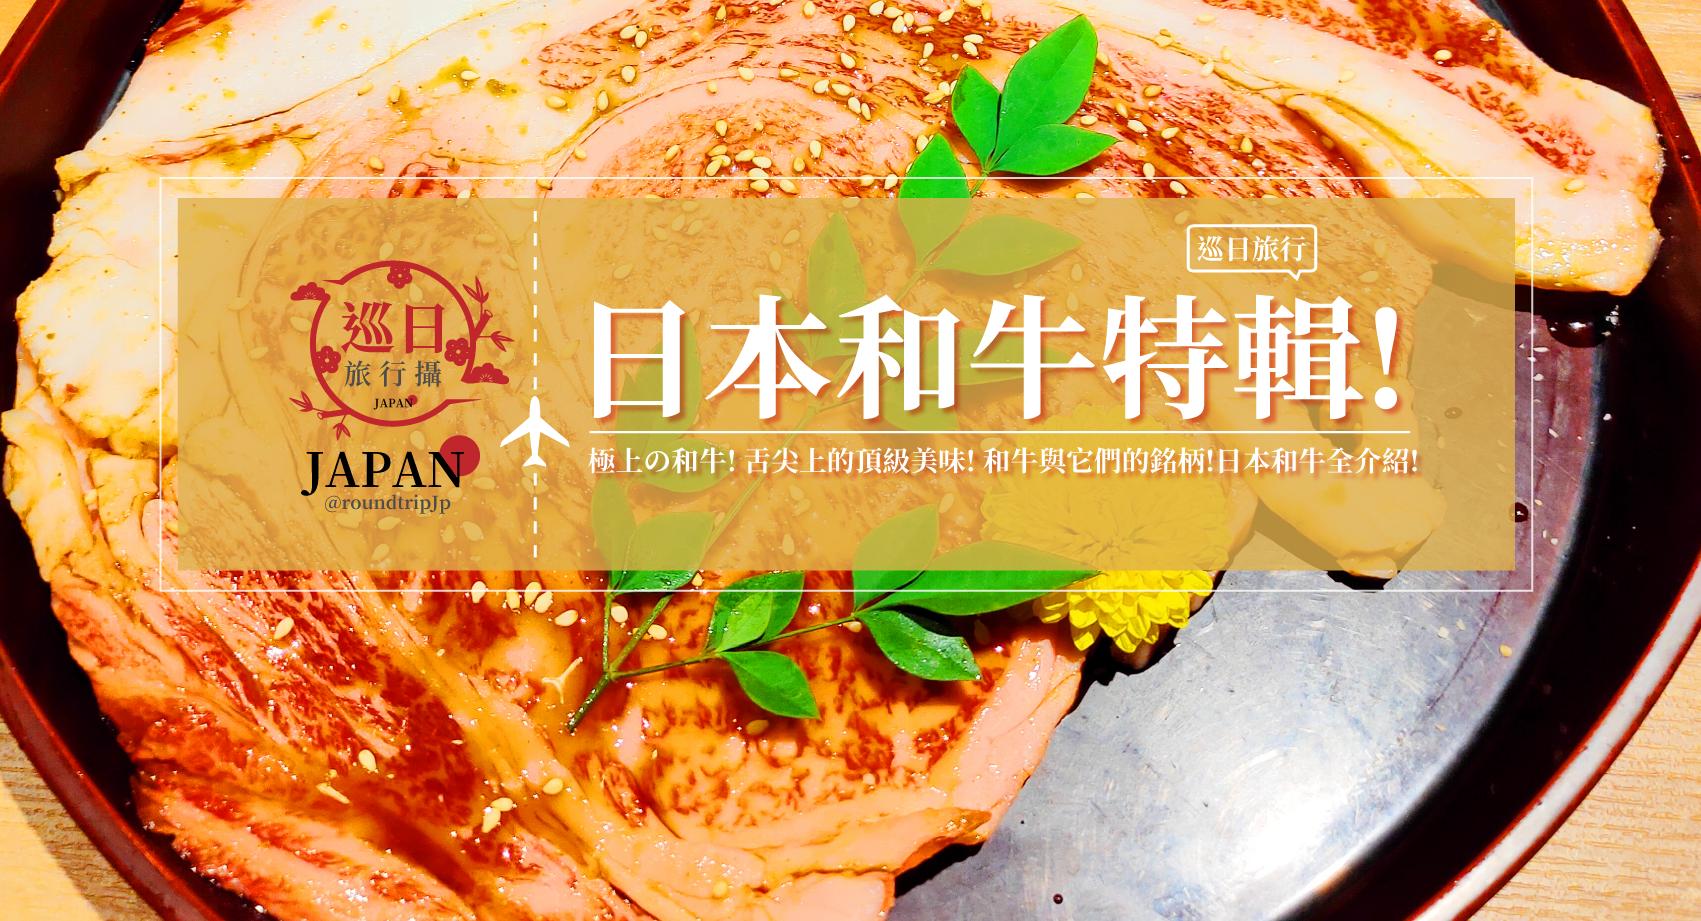 極上の和牛 | 舌尖上的頂級美味 | 和牛與牠們的銘柄 | 日本和牛特輯! | 巡日旅行攝